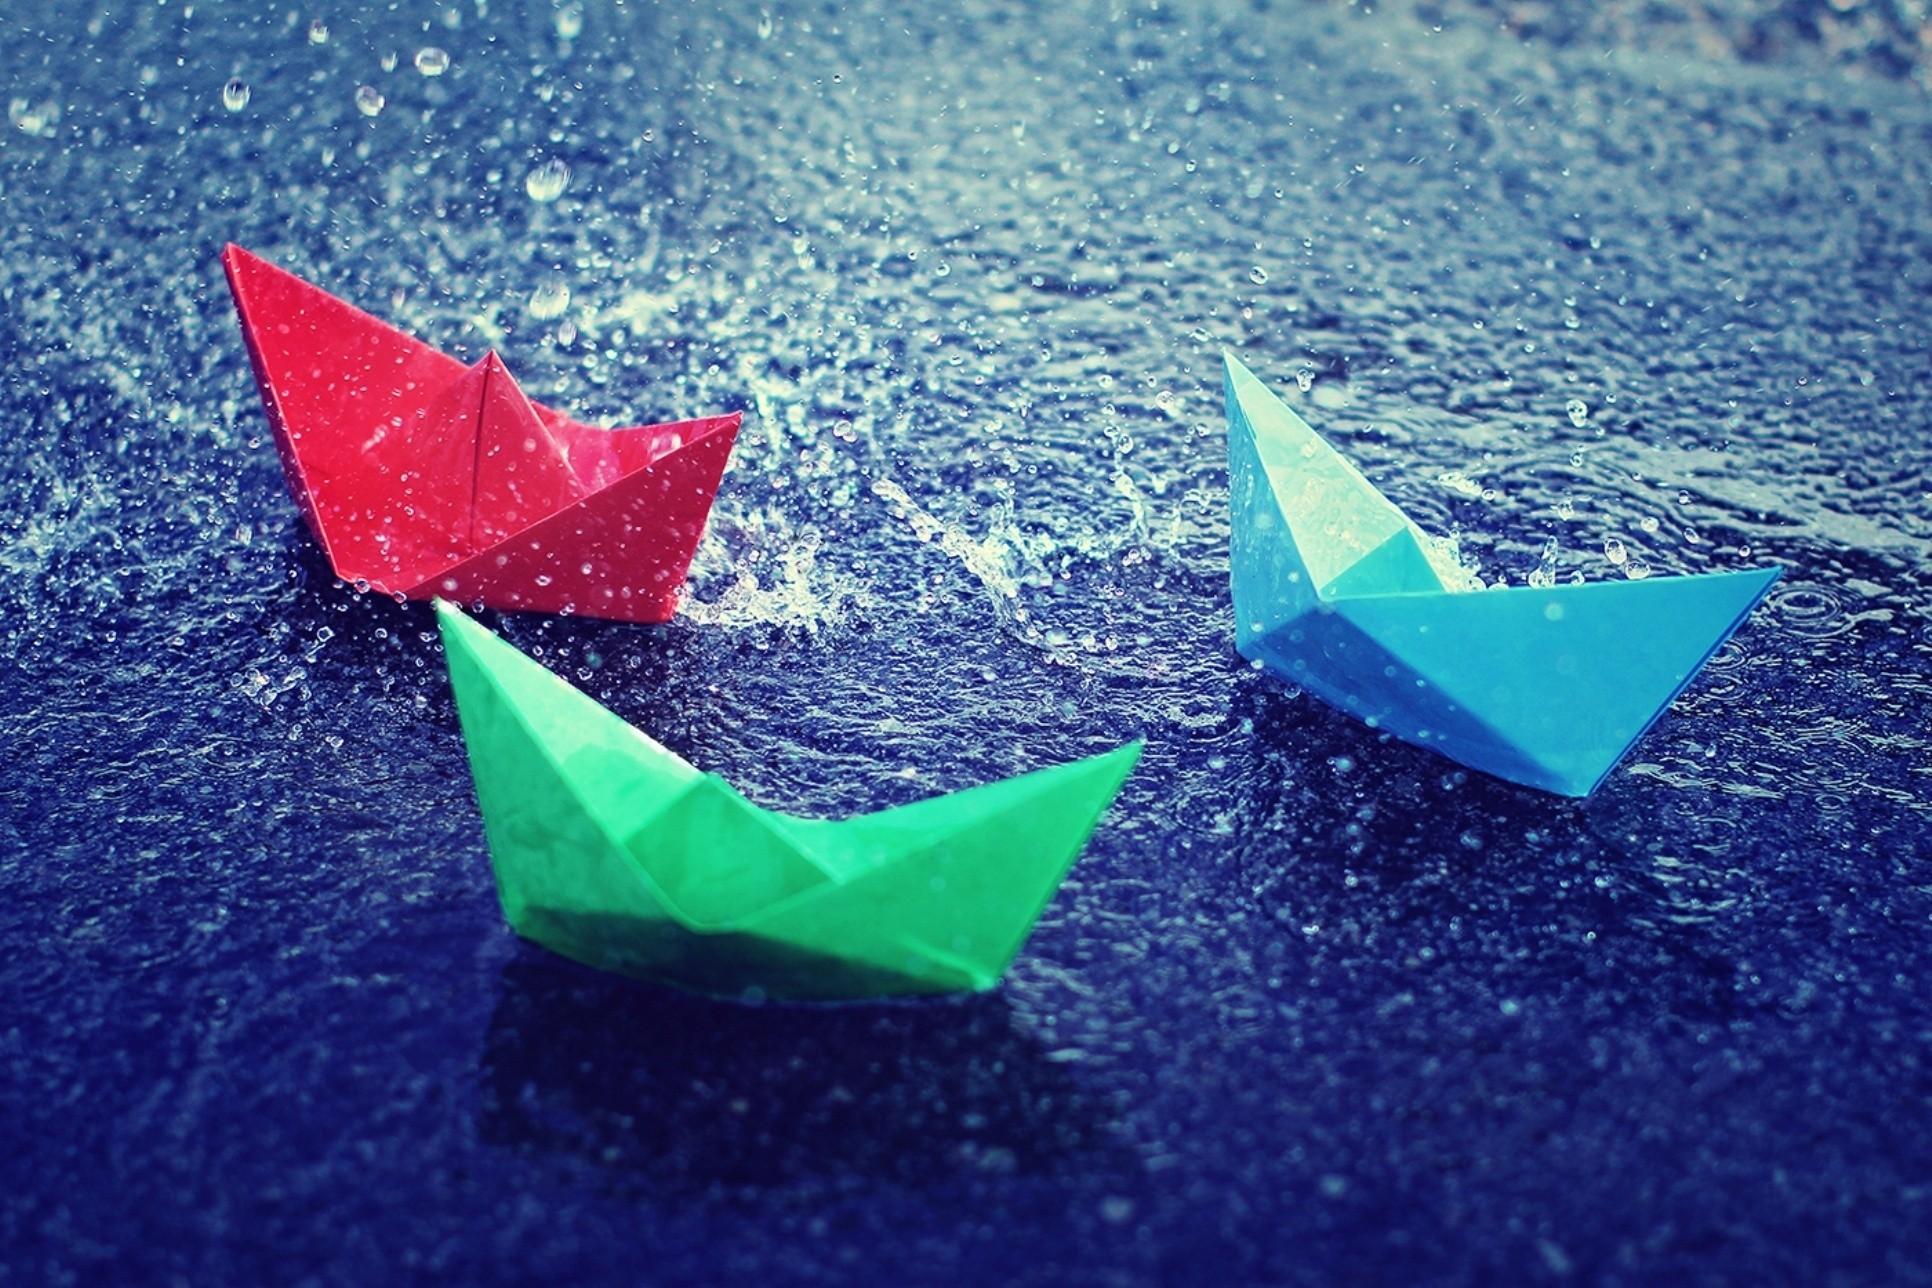 美图,图片,创意 几张和航海有关的创意图片